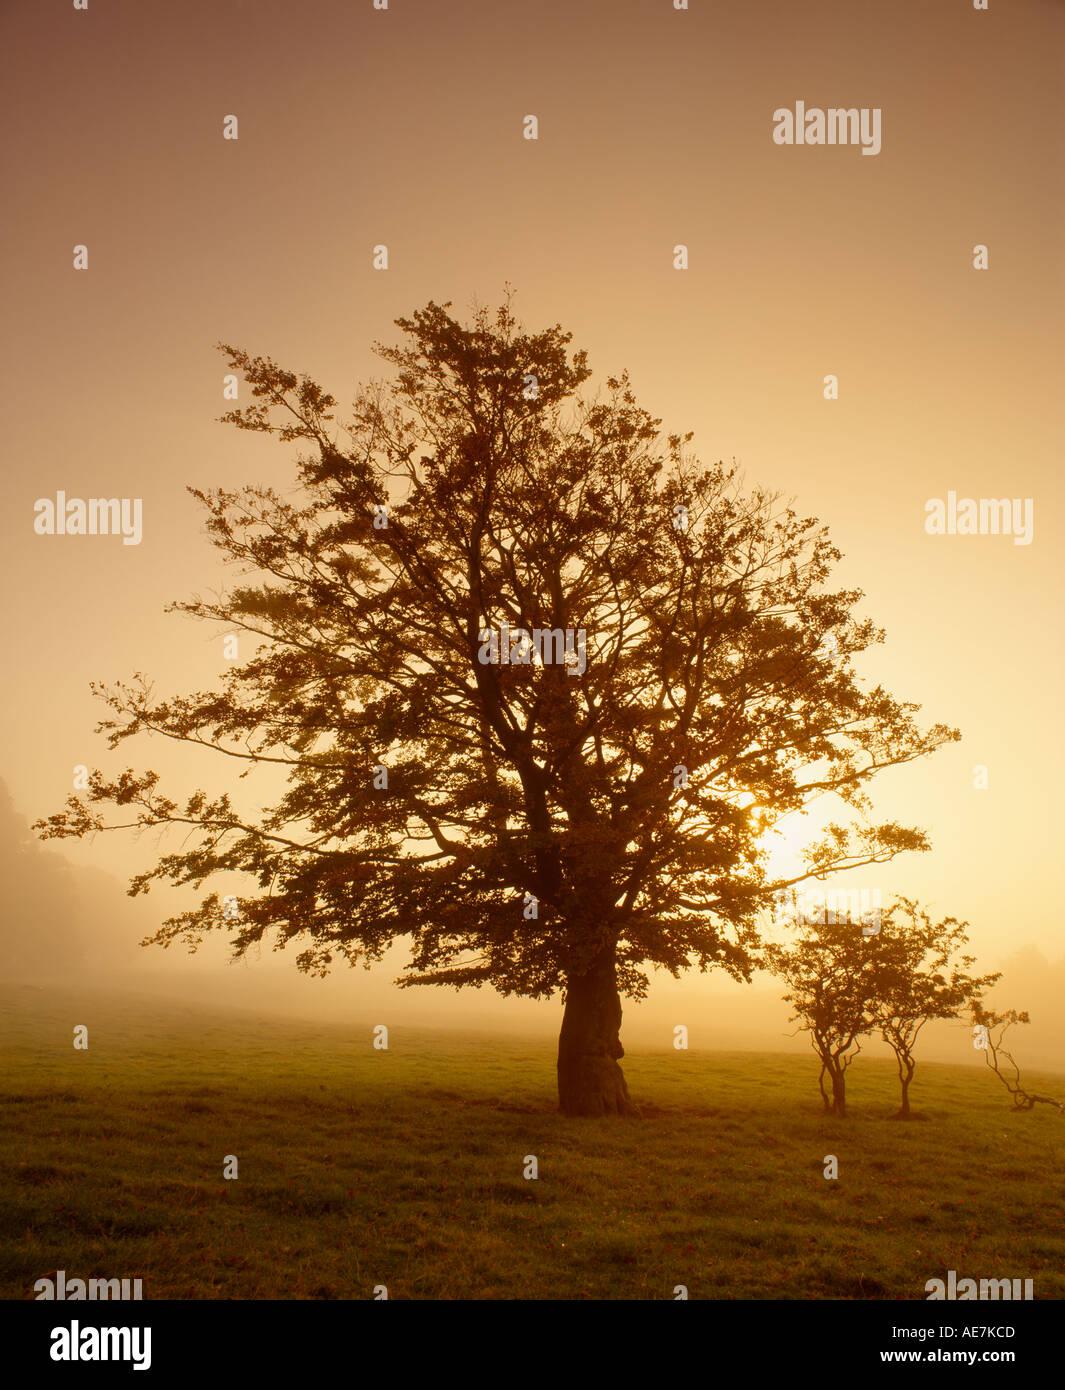 Silueta de árbol en la niebla contra el sol naciente Drymen Stirling Escocia Imagen De Stock